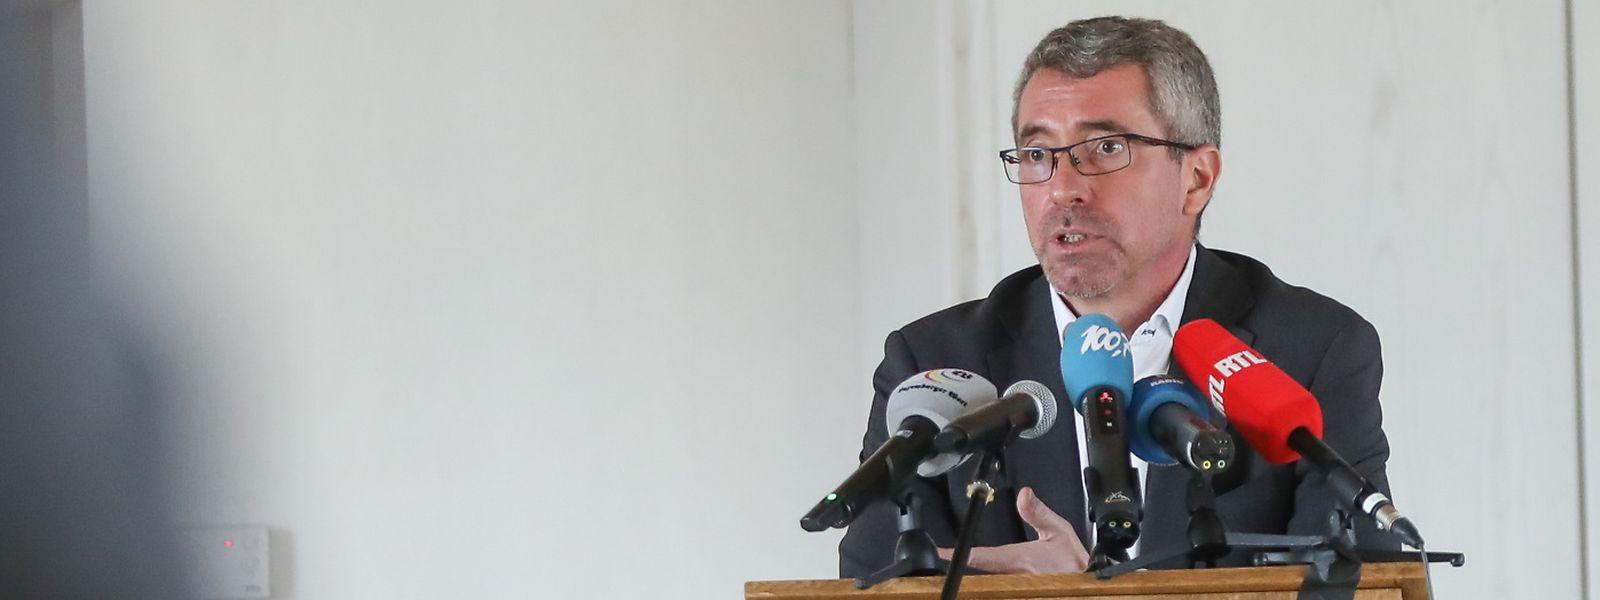 CSV-Präsident Frank Engel entschloss sich am Freitag zum Rückzug. Er sieht die Einheit der Partei in Gefahr.